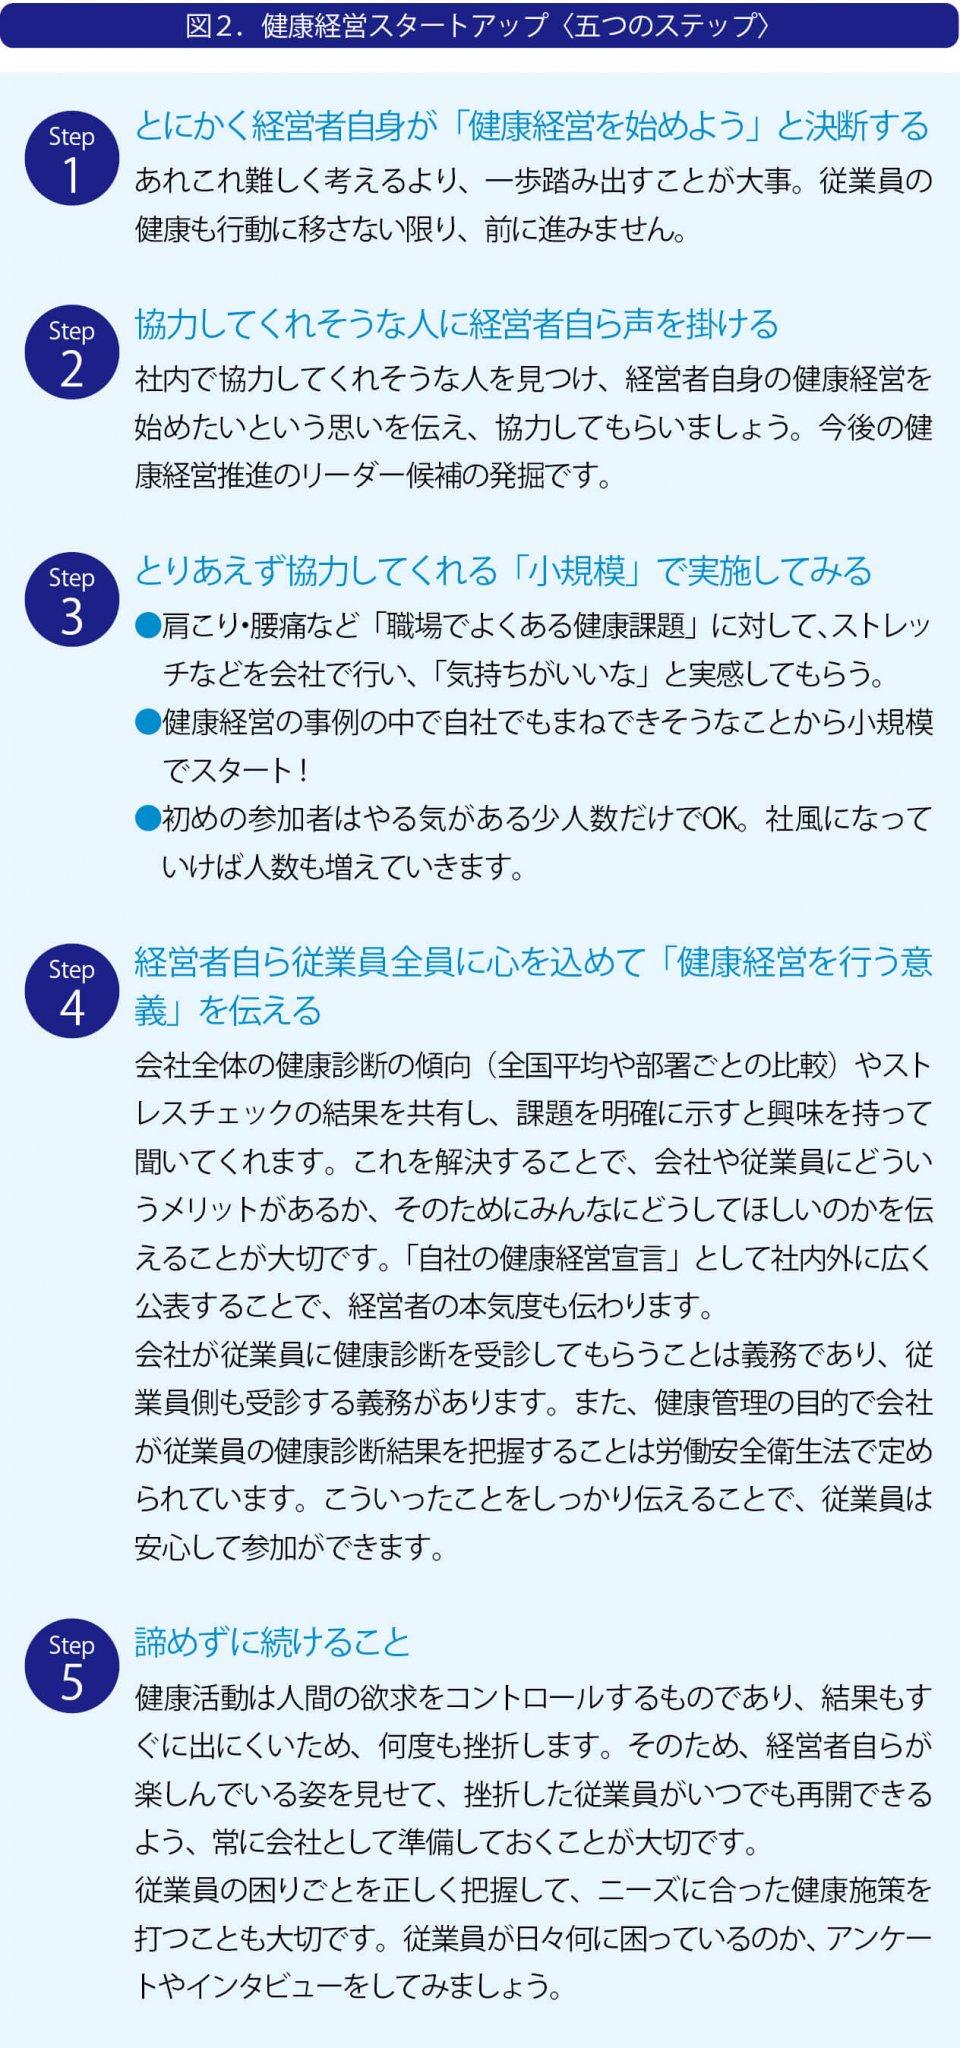 図2. 健康経営スタートアップ(五つのステップ) 出典:エムティーアイ作成「沖縄県企業の健康経営〈事例集〉」